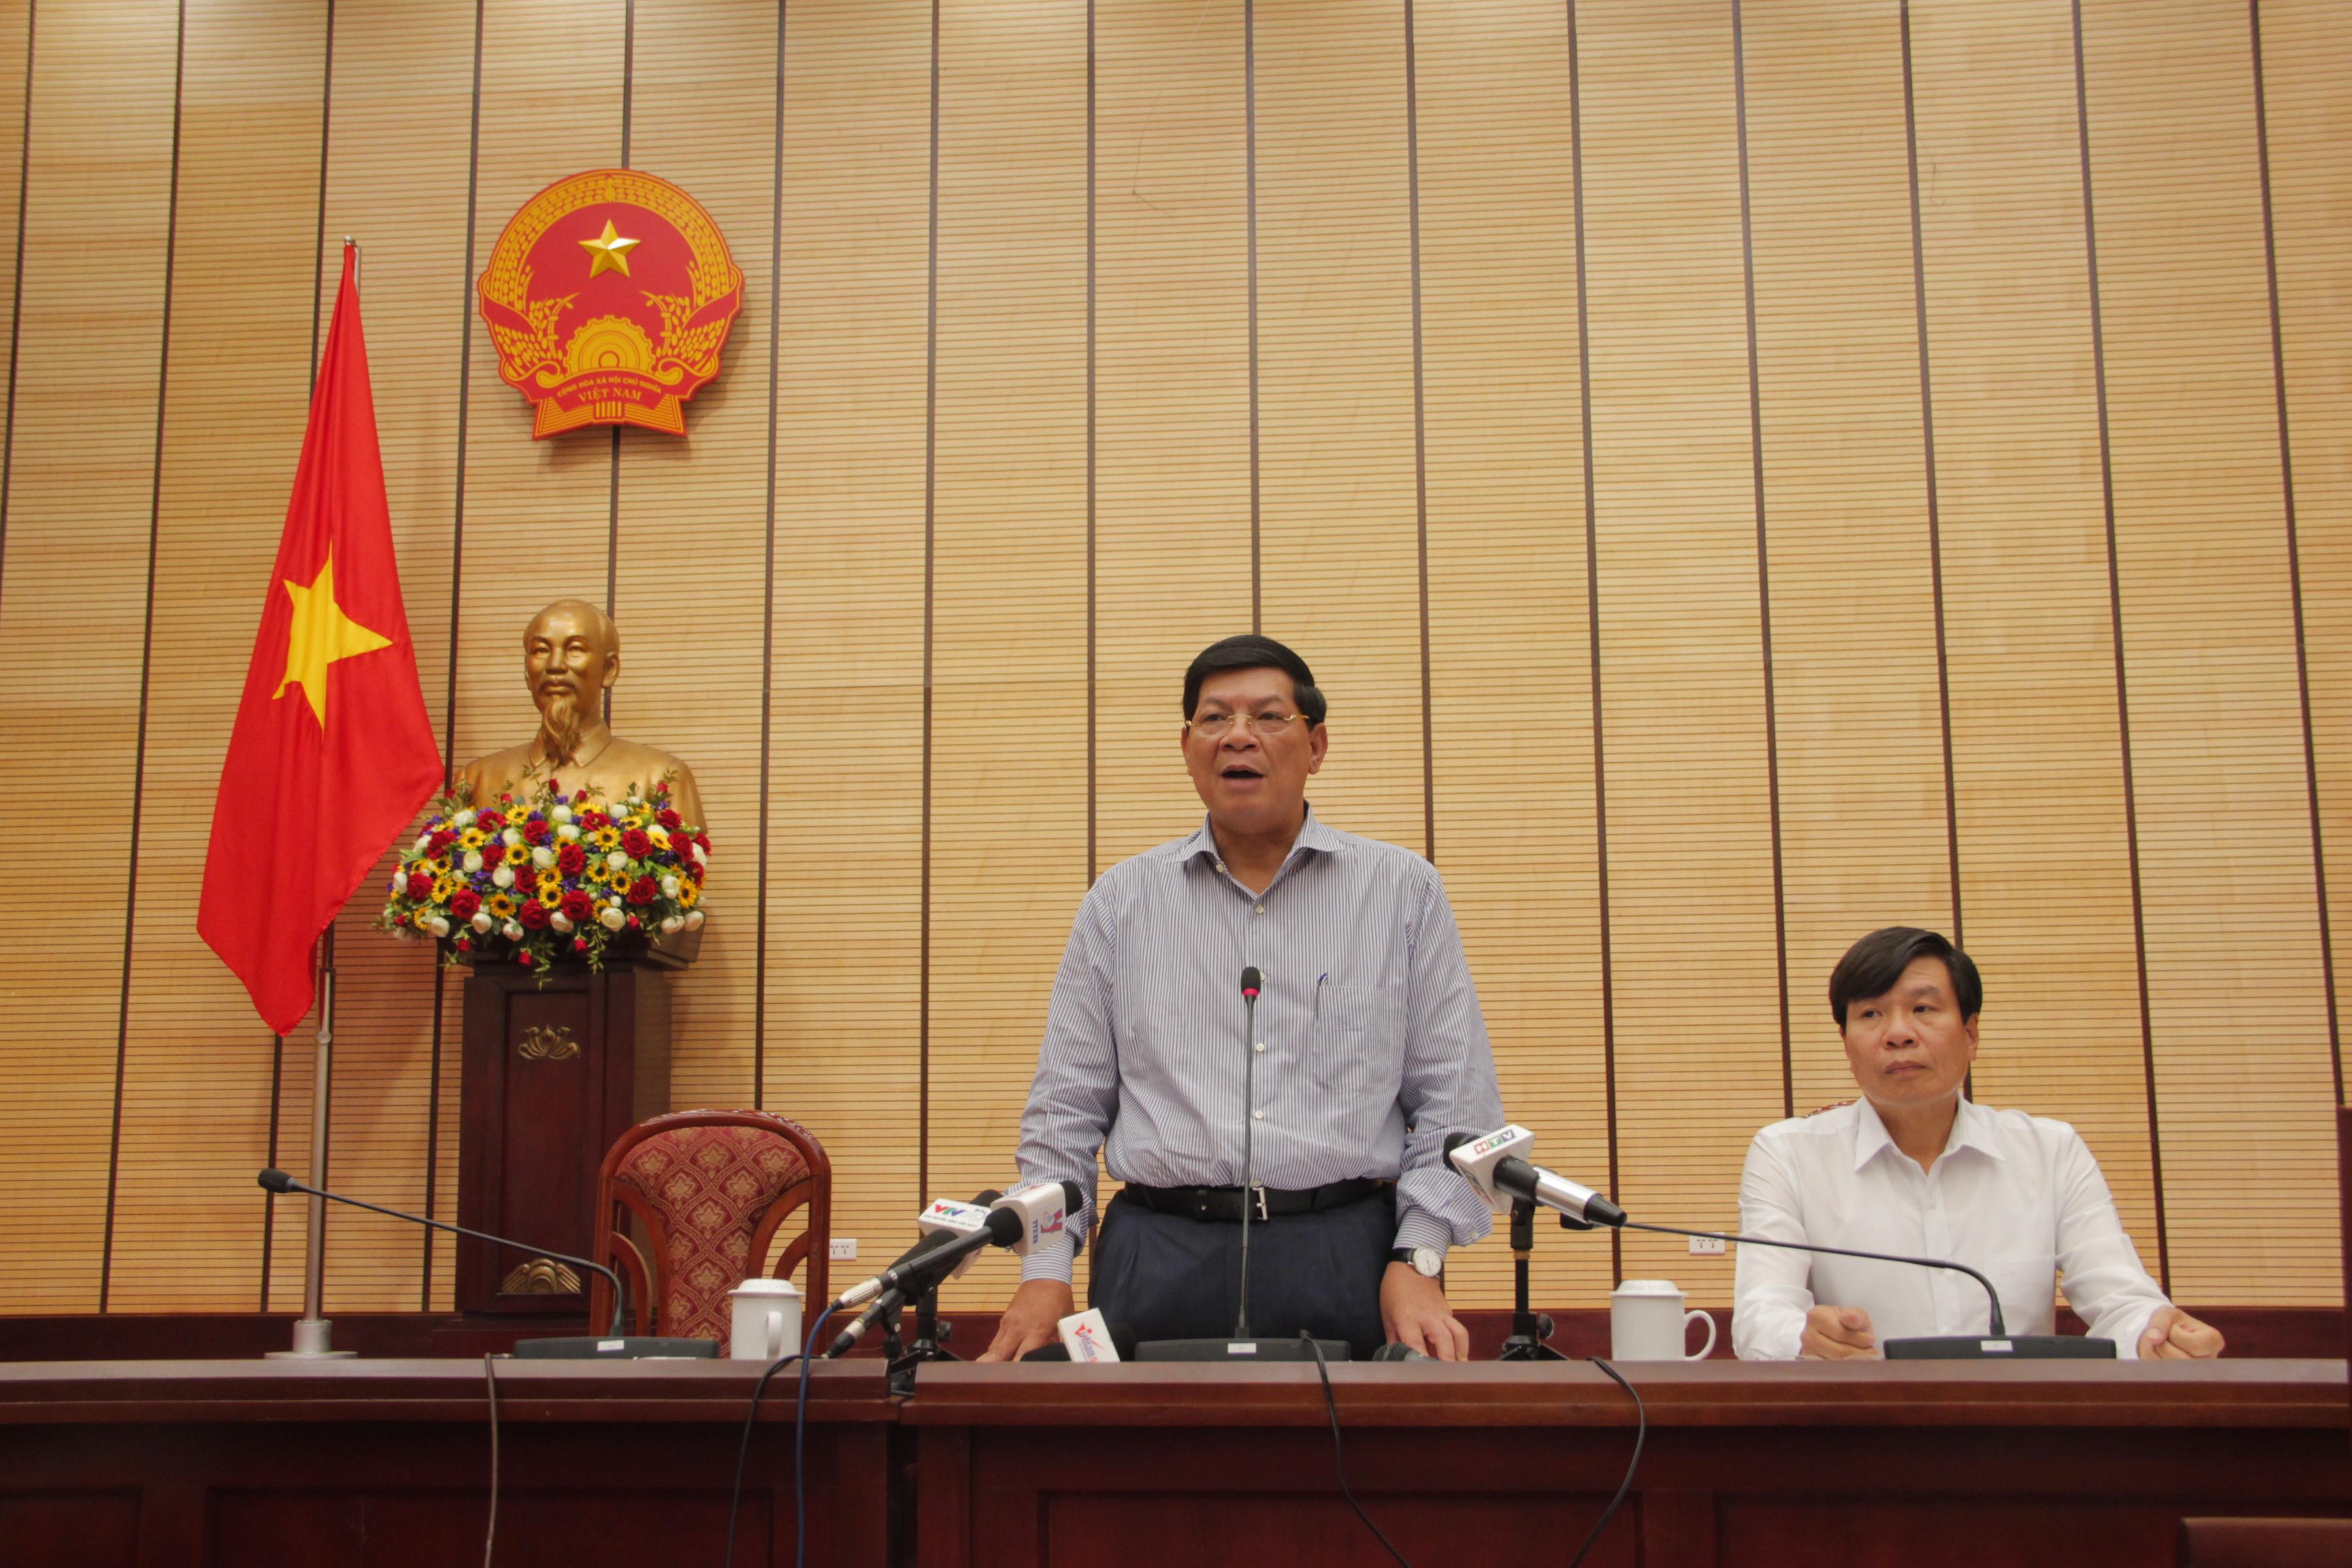 Chặt cây ở Hà Nội: Đột ngột dừng họp báo, PV ngỡ ngàng 5